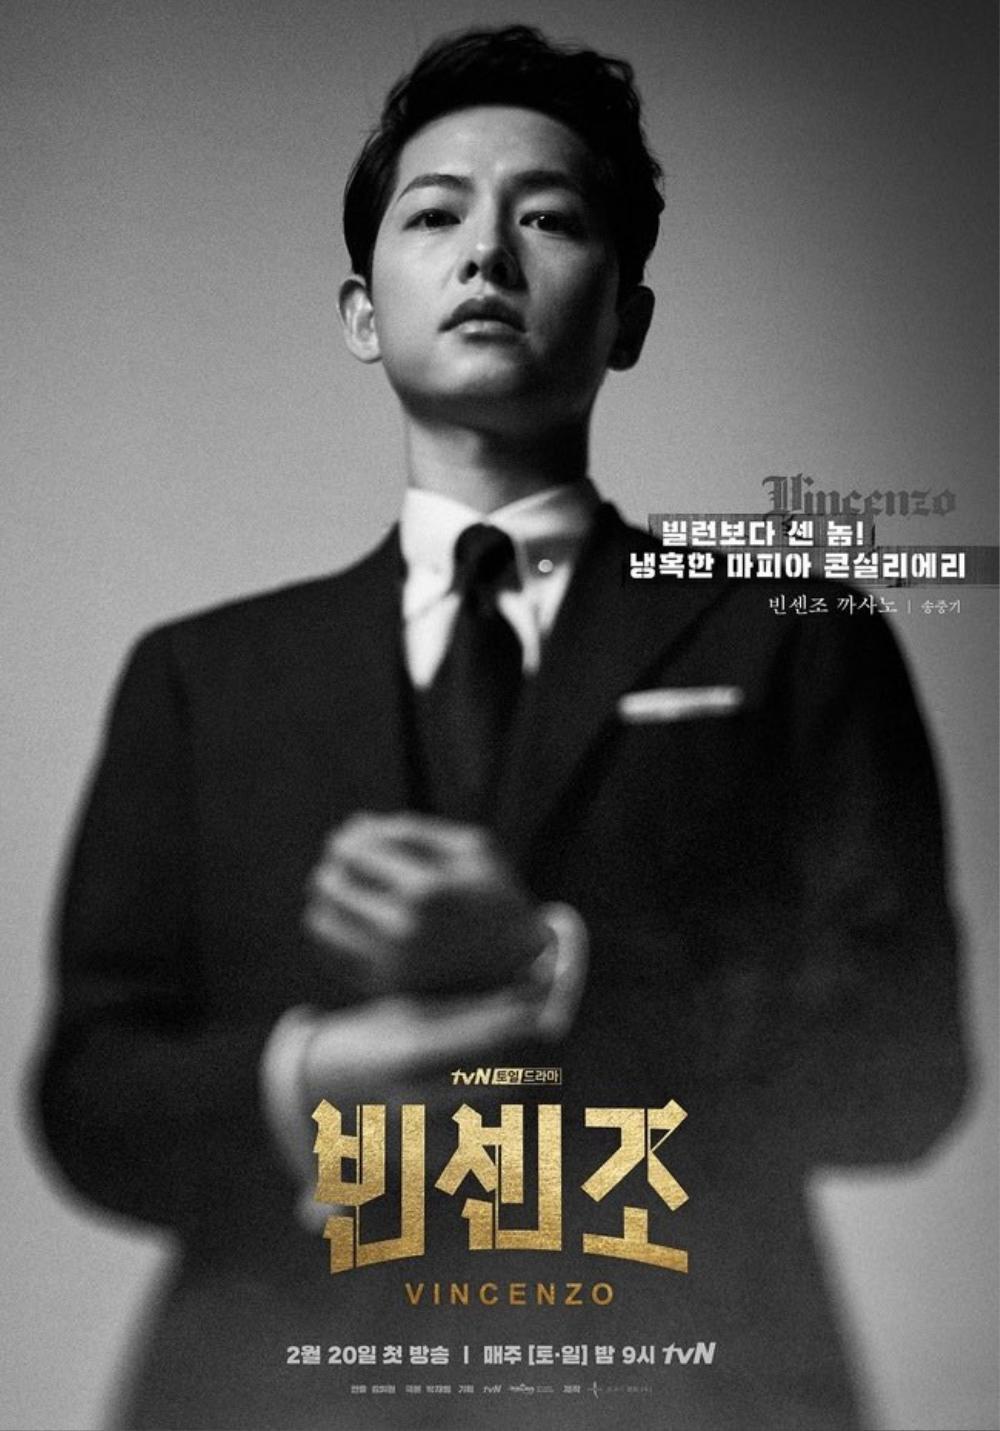 Phim 'Vincenzo' của Song Joong Ki và phim 'Mouse' của Lee Seung Gi đều thông báo tạm dừng lên sóng Ảnh 2